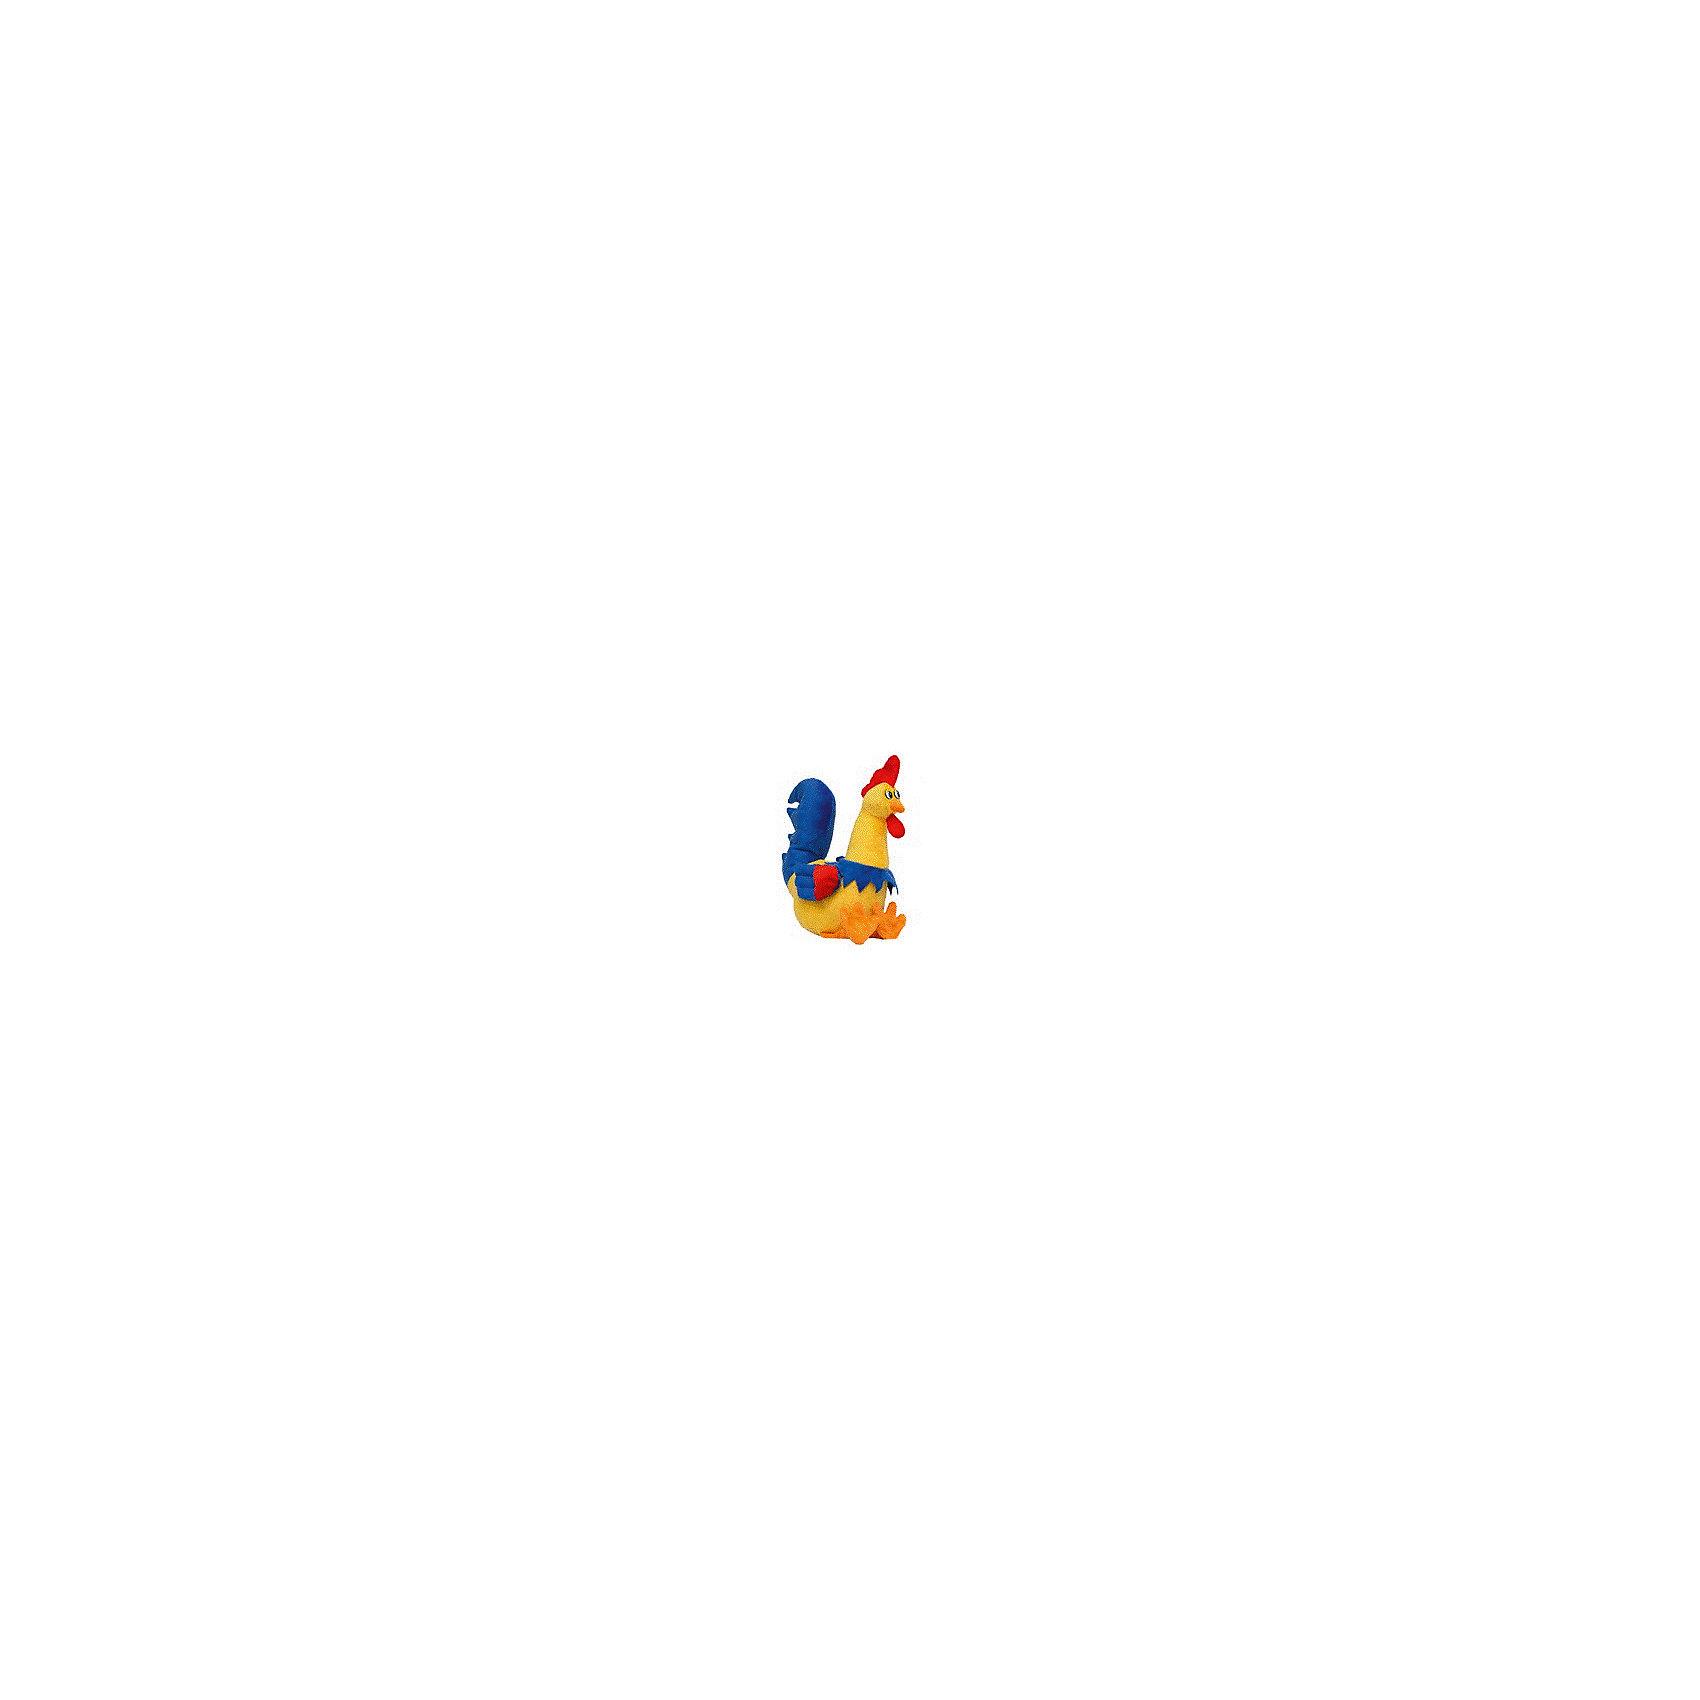 Мягкая игрушка Красавец Петя 35 см, ПУФФИМягкие игрушки животные<br>Характеристики мягкой игрушки Красавец Петя: <br><br>- возраст: от 3 лет<br>- пол: для мальчиков и девочек<br>- цвет: желтый, синий и красный <br>- материал: текстиль с элементами из пластмассы.<br>- высота игрушки: 35 см.<br>- страна обладатель бренда: Россия.<br><br>Мягкая игрушка Красавец Петя от российского бренда Пуффи понравится многим детям, которые любят необычные мягкие игрушки. Товар имеет интересный дизайн, сам петушок желтый с яркими синими вставками на хвосте и крыльях. Петушок выполнен из приятных на ощупь материалов, чем также порадует своего владельца. Петя с удовольствием примет участие в любых играх, которые только могут прийти в голову ребенку.<br><br>Мягкую игрушку Красавец Петя торговой  марки Пуффи можно купить в нашем интернет-магазине.<br><br>Ширина мм: 350<br>Глубина мм: 220<br>Высота мм: 120<br>Вес г: 200<br>Возраст от месяцев: 36<br>Возраст до месяцев: 192<br>Пол: Унисекс<br>Возраст: Детский<br>SKU: 5105641